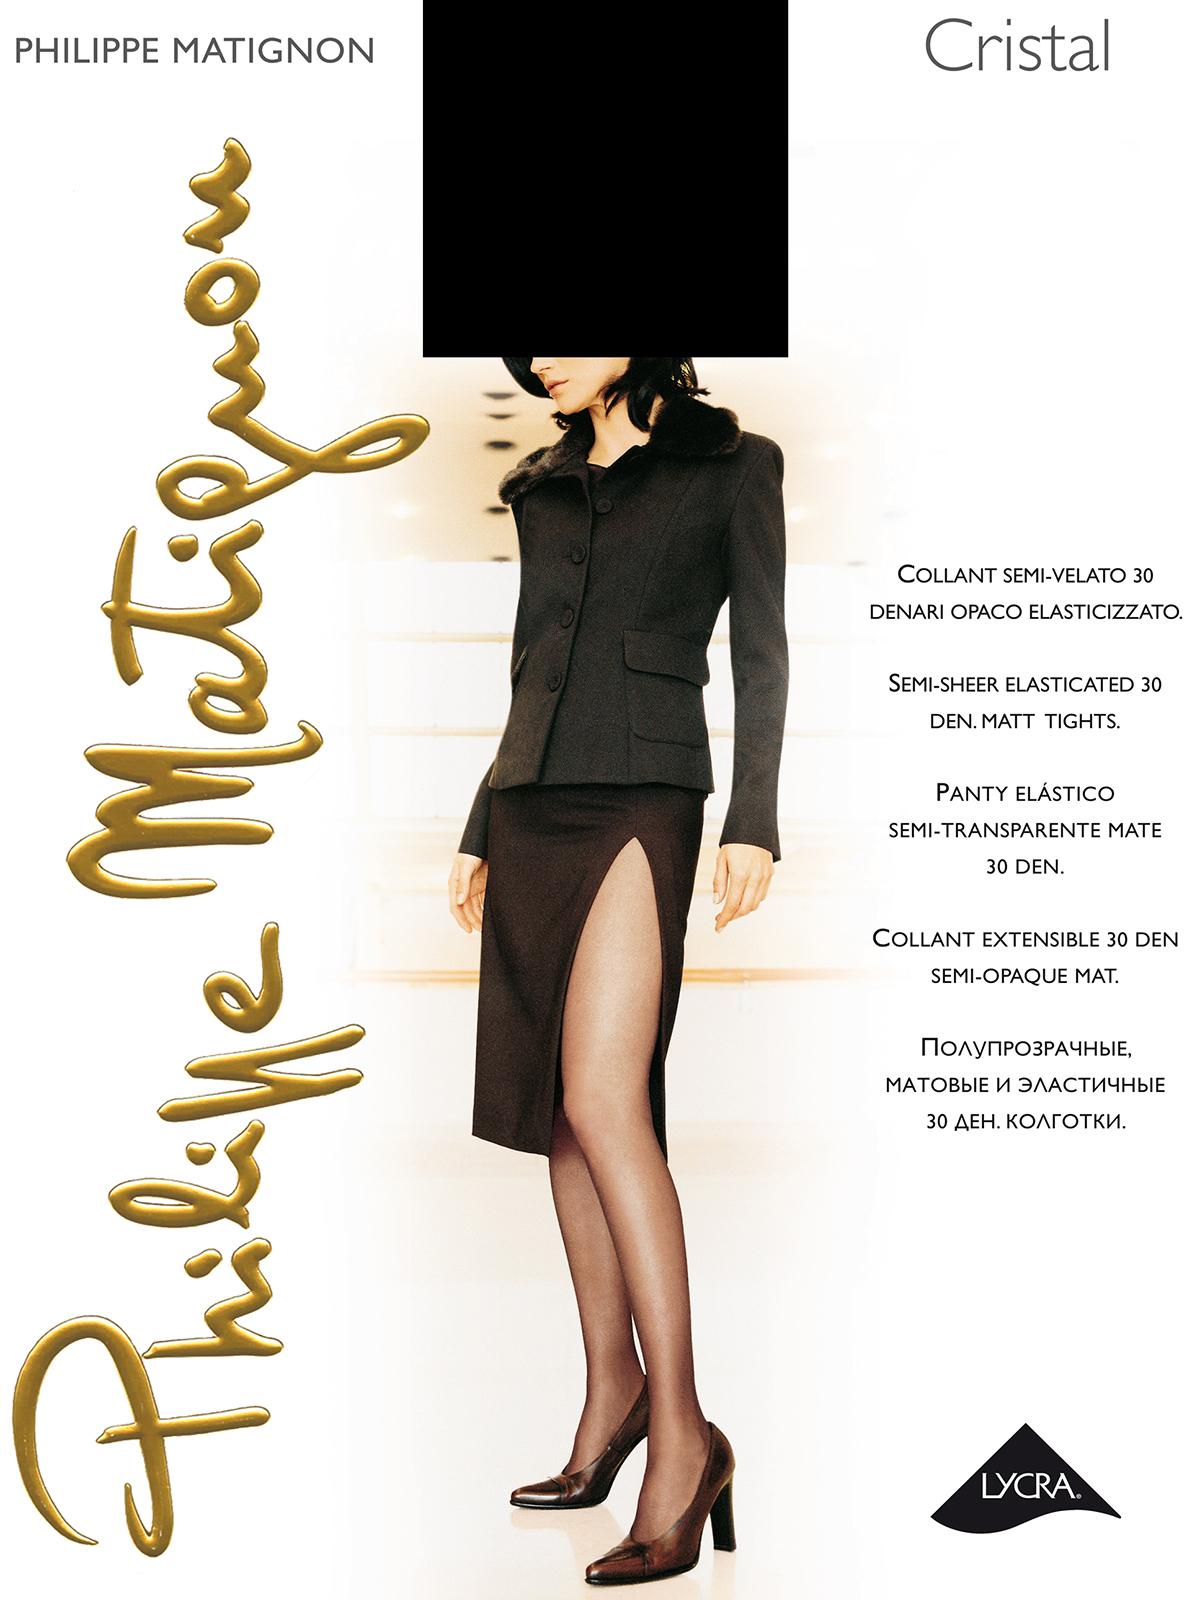 Philippe Matignon Cristal 30 колготки женские